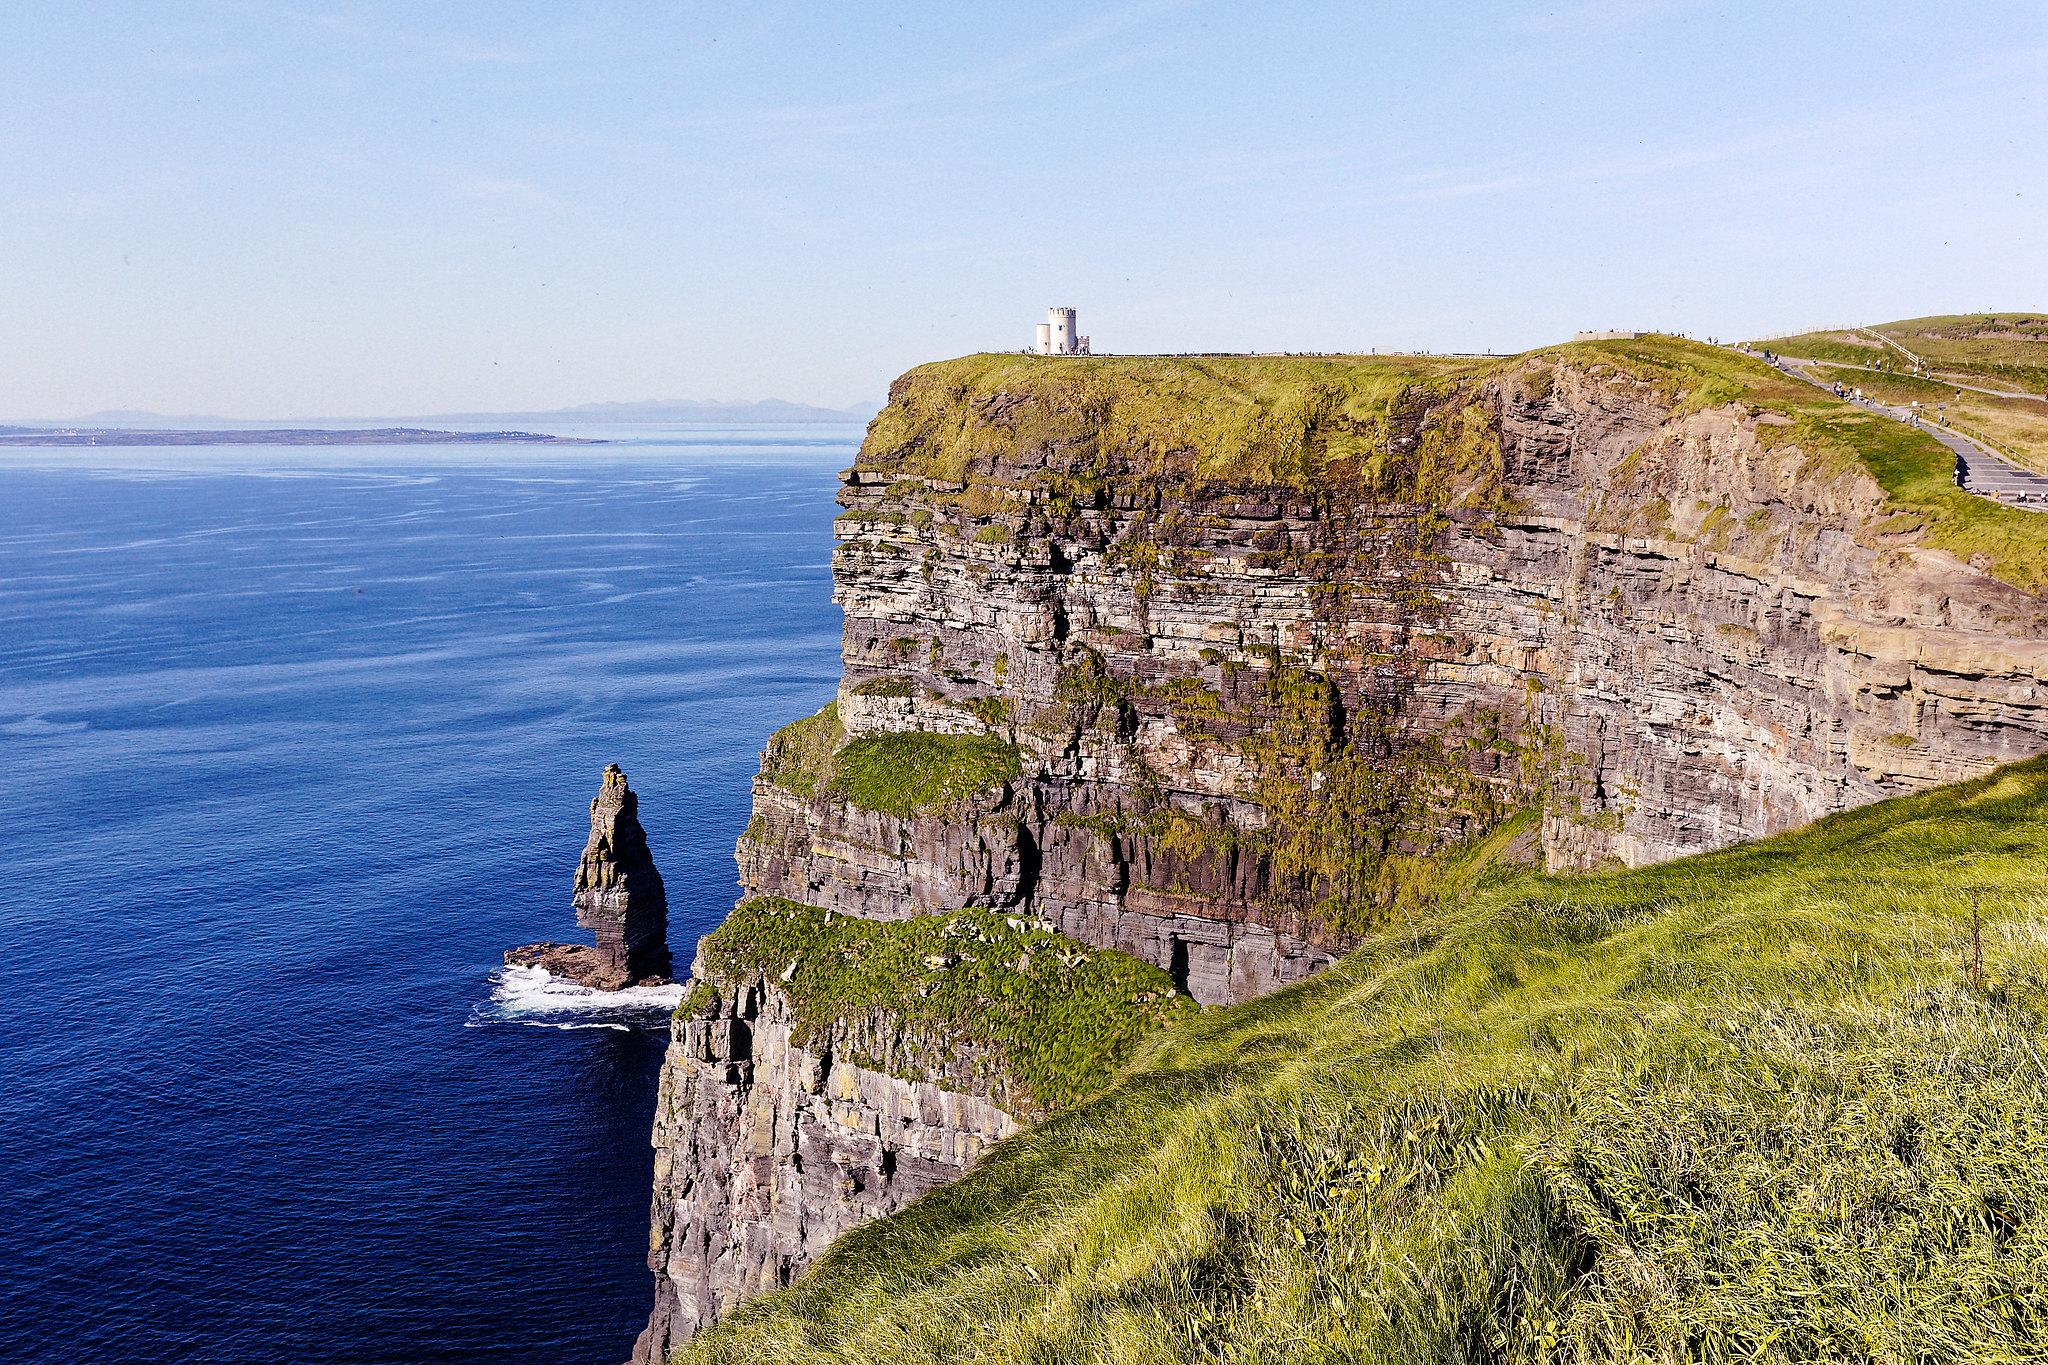 Irlanda dejará de buscar combustibles fósiles como fuente de energía